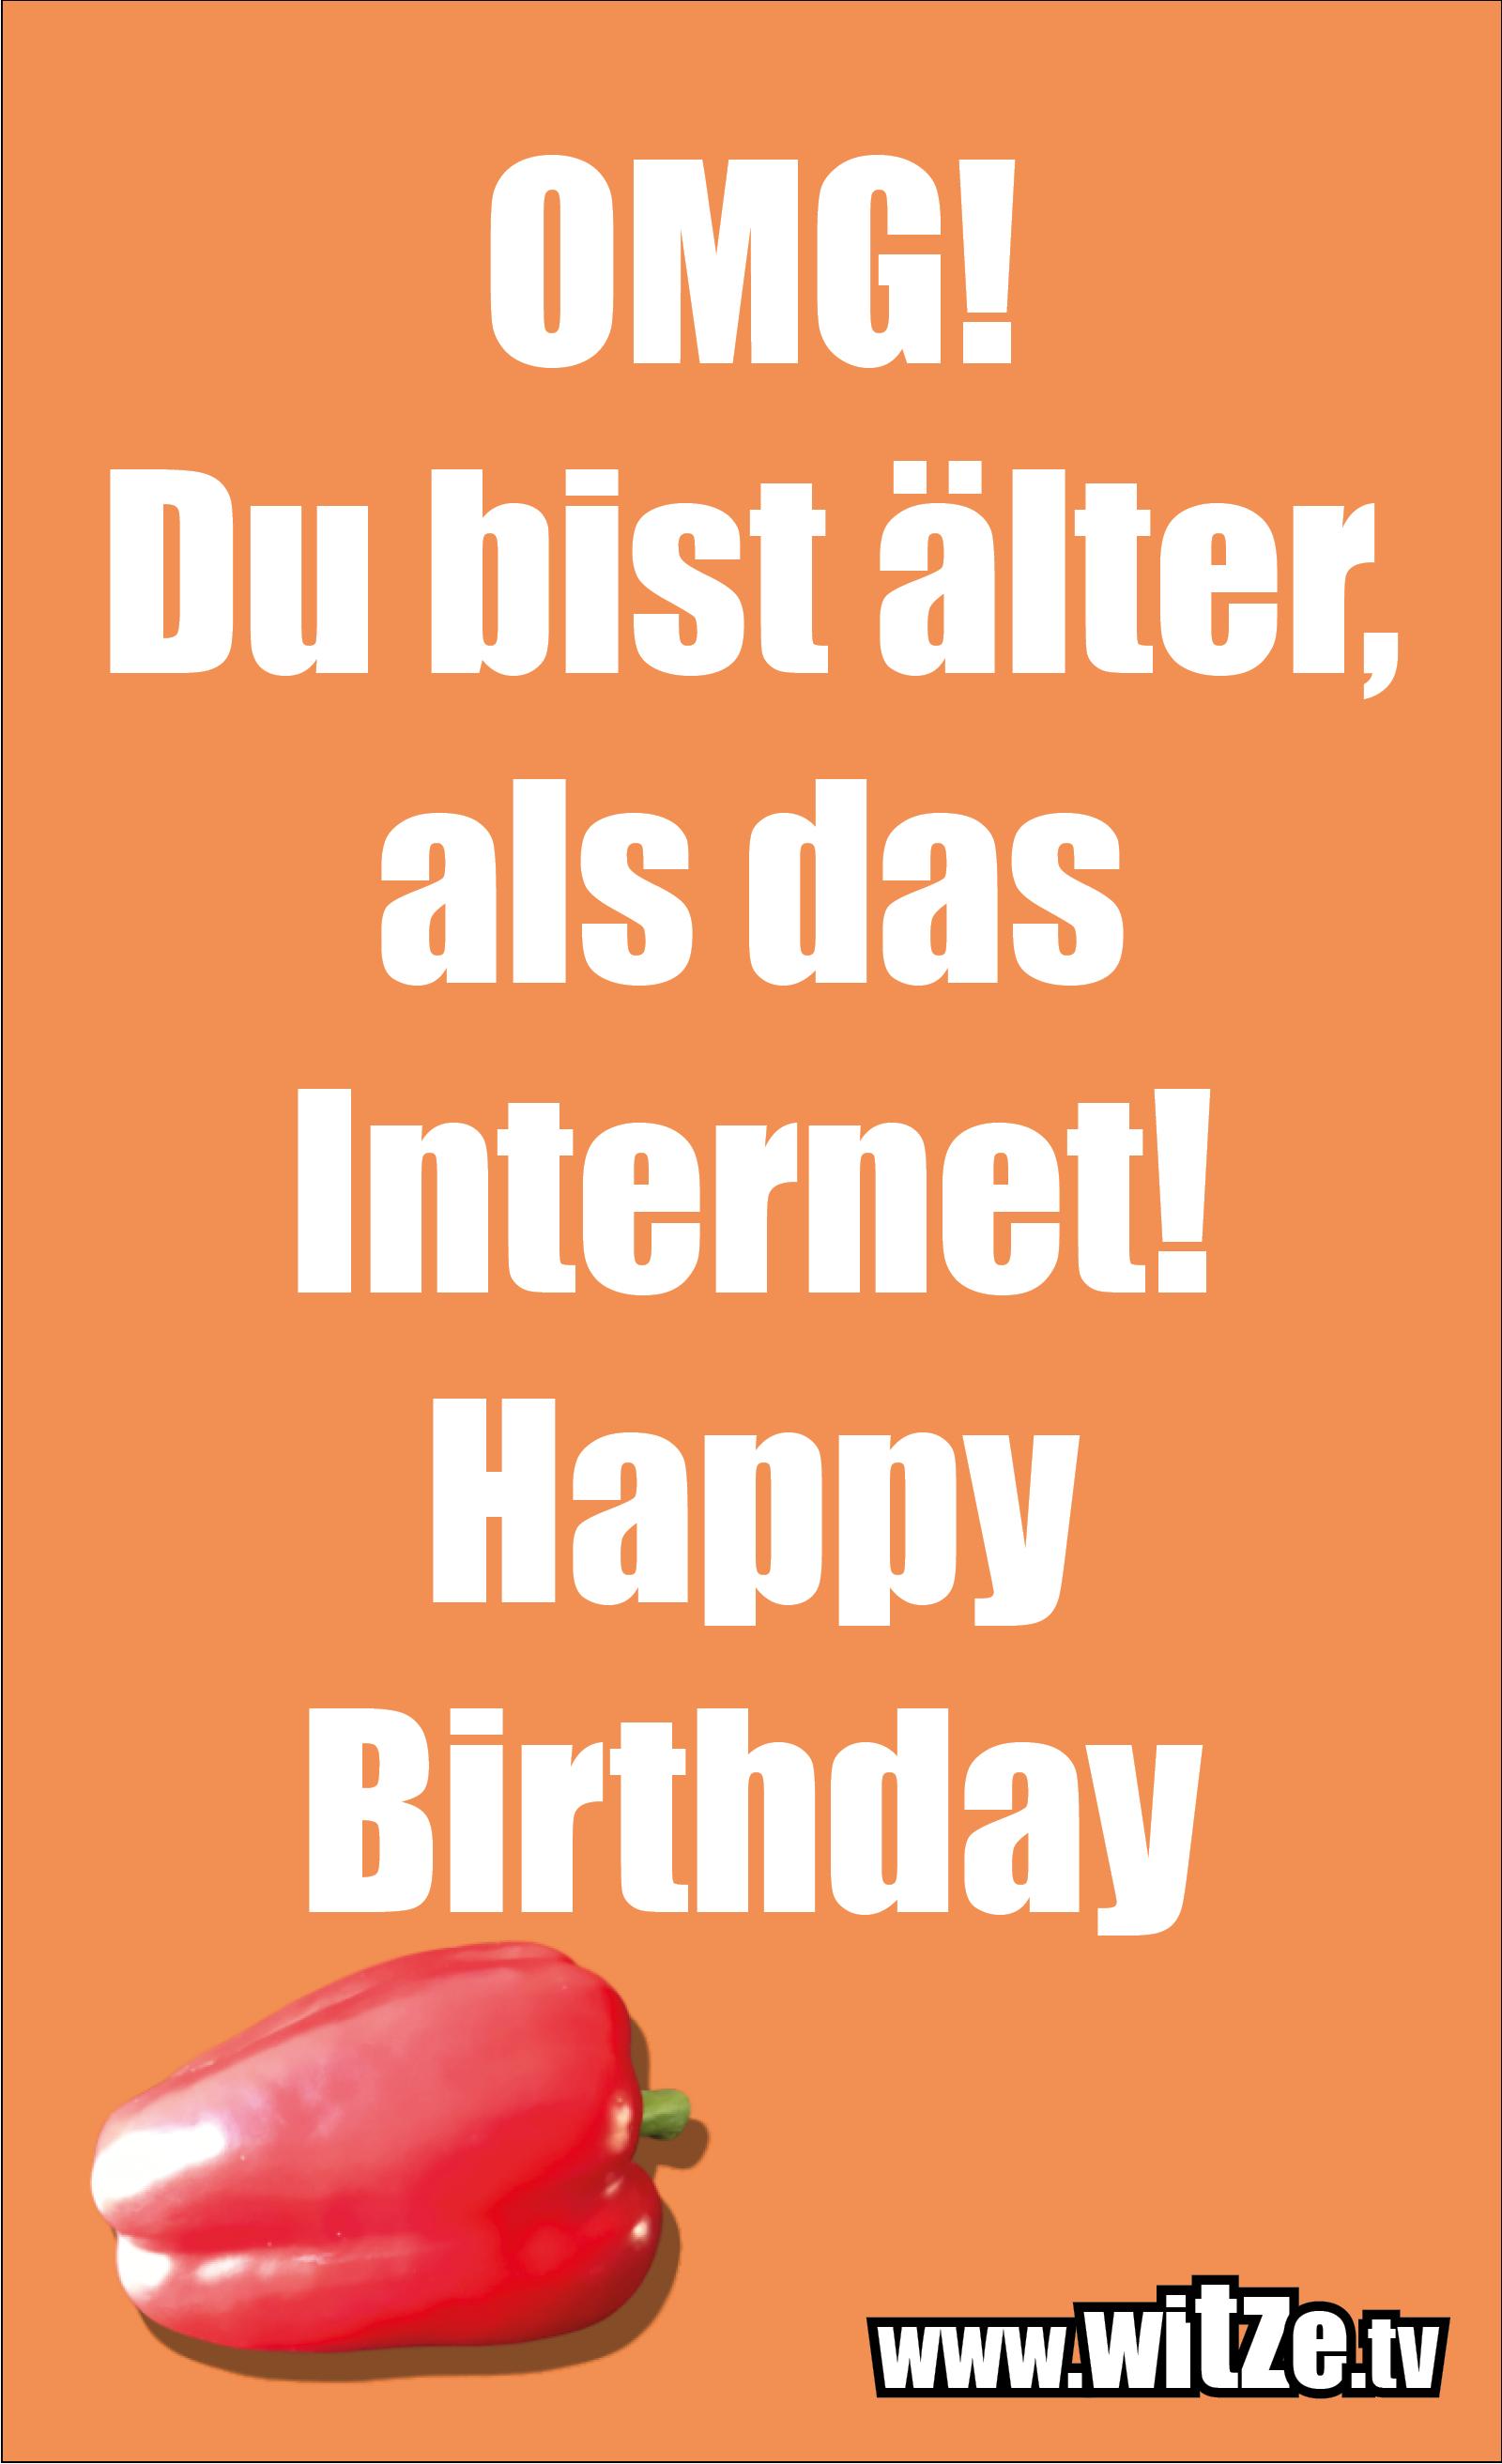 Lustige Geburtstagswünsche: OMG! Du bist älter, als das Internet! Happy Birthday